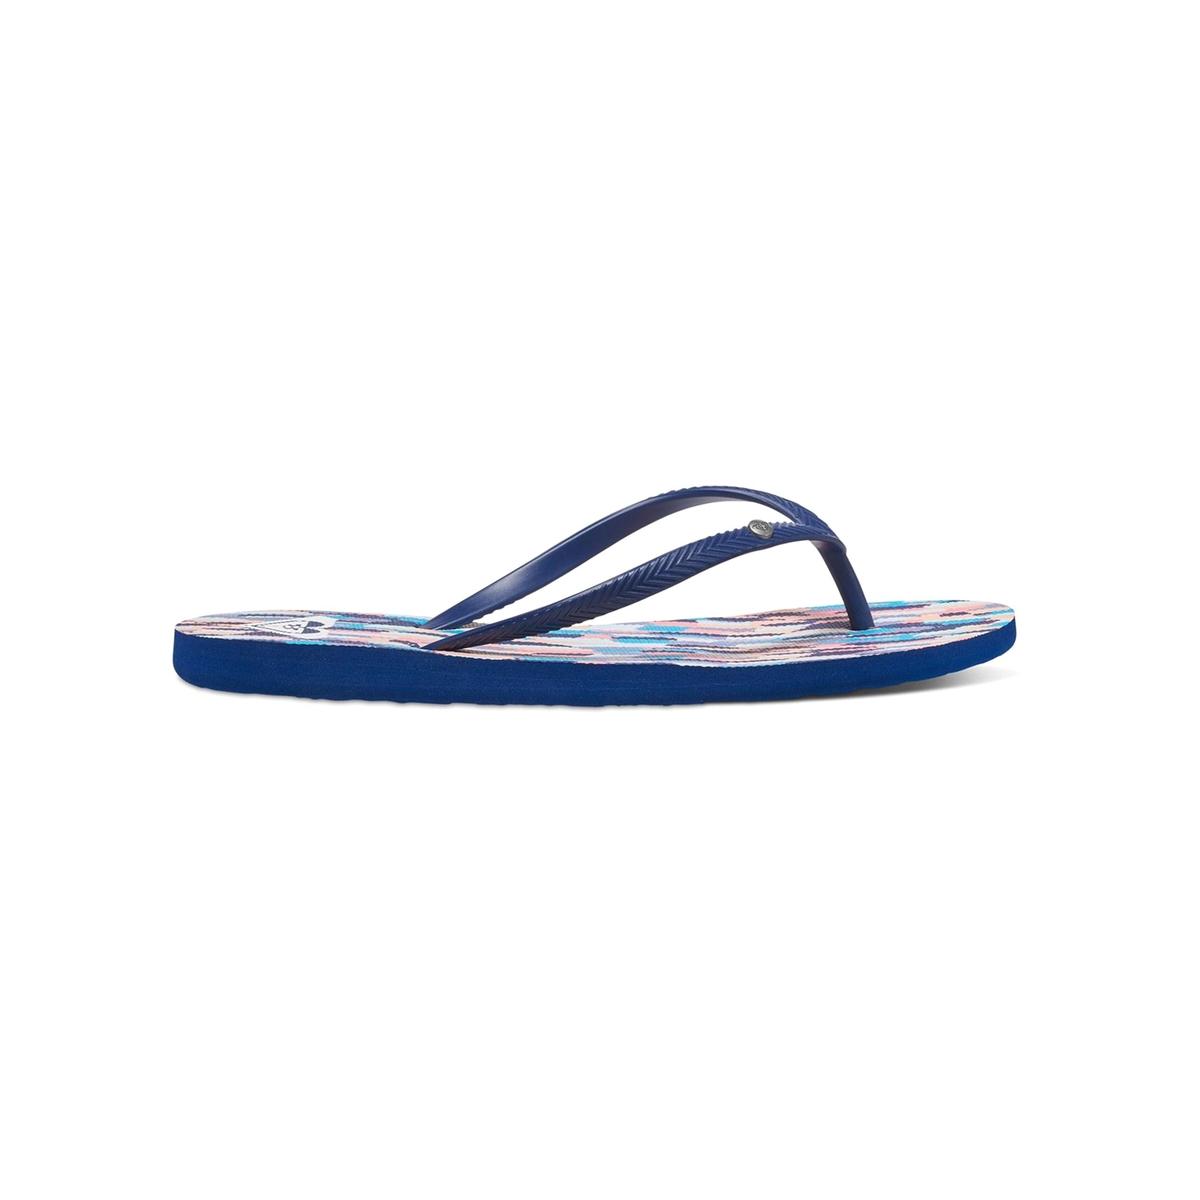 Вьетнамки BermudaВерх : синтетика   Подошва : каучук   Форма каблука : плоский каблук   Мысок : открытый мысок   Застежка : без застежки<br><br>Цвет: темно-синий<br>Размер: 42.37